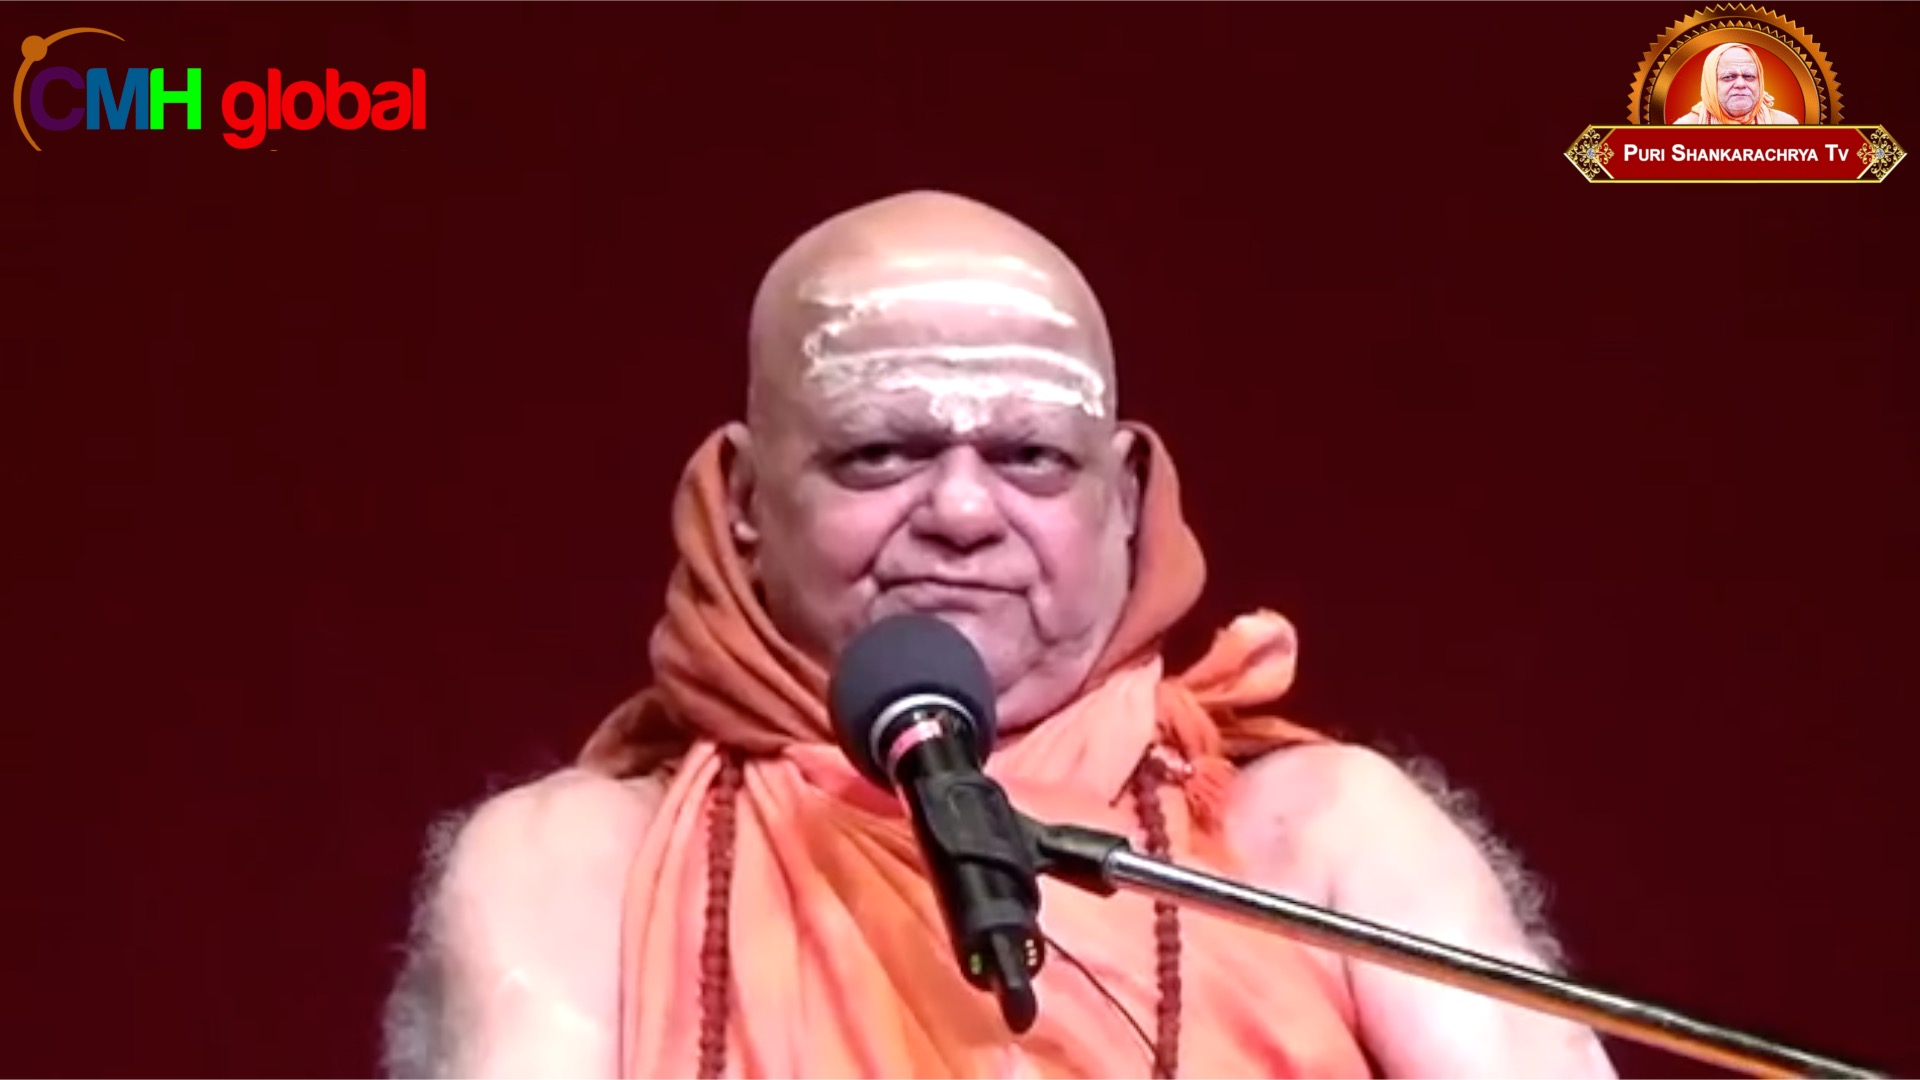 Gyan Dhara Ep -40 by Puri Shankaracharya Swami Nishchalananda Saraswati Ji